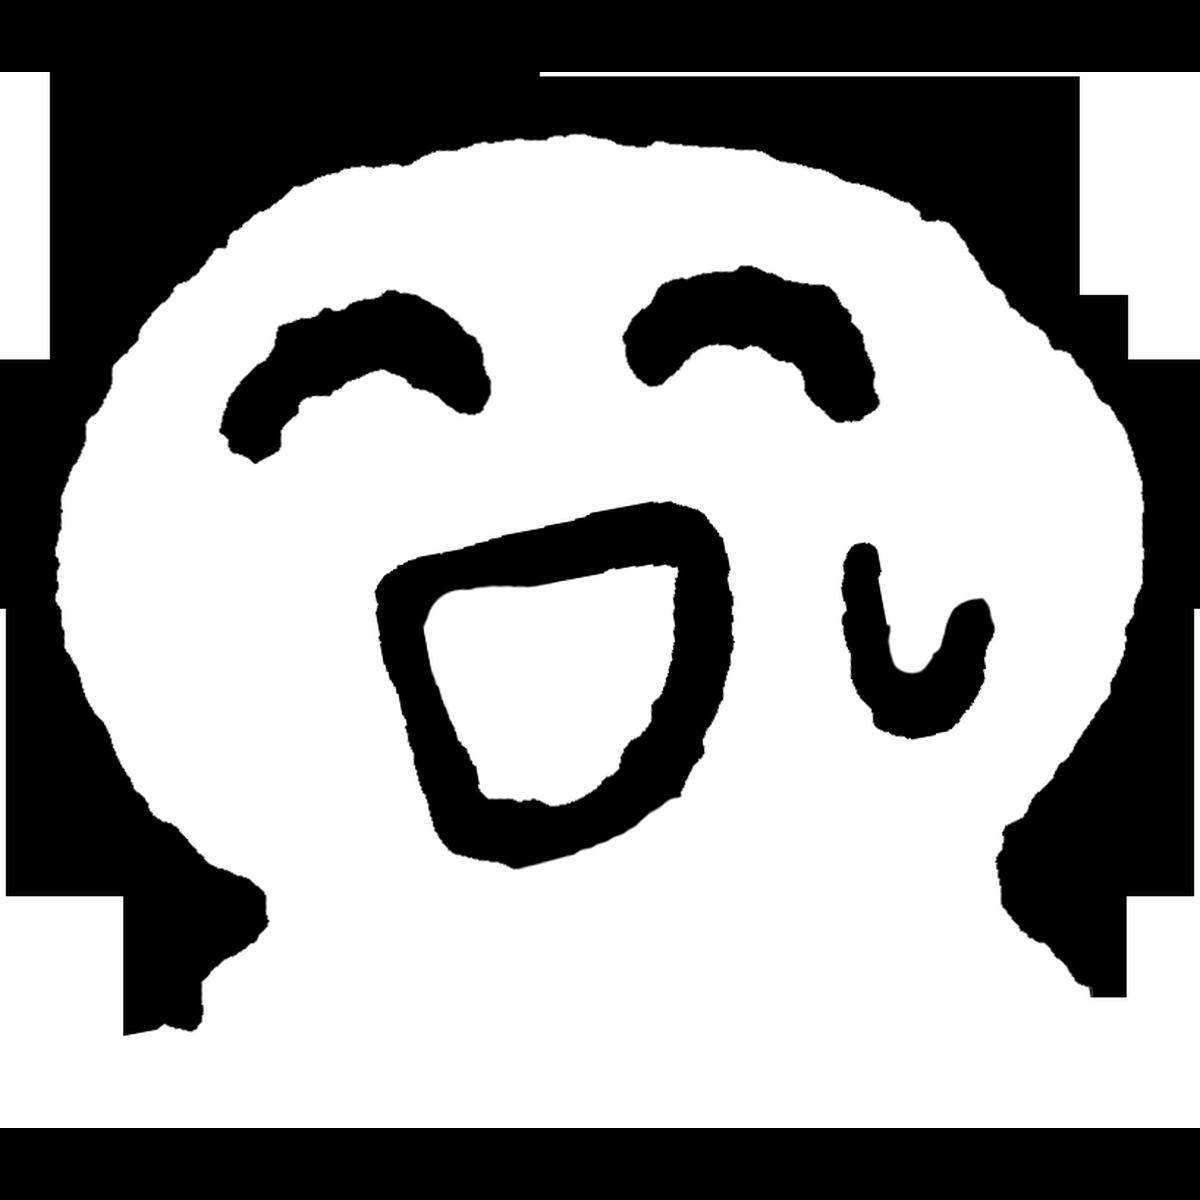 苦笑いのイラスト Bitter smile Illust